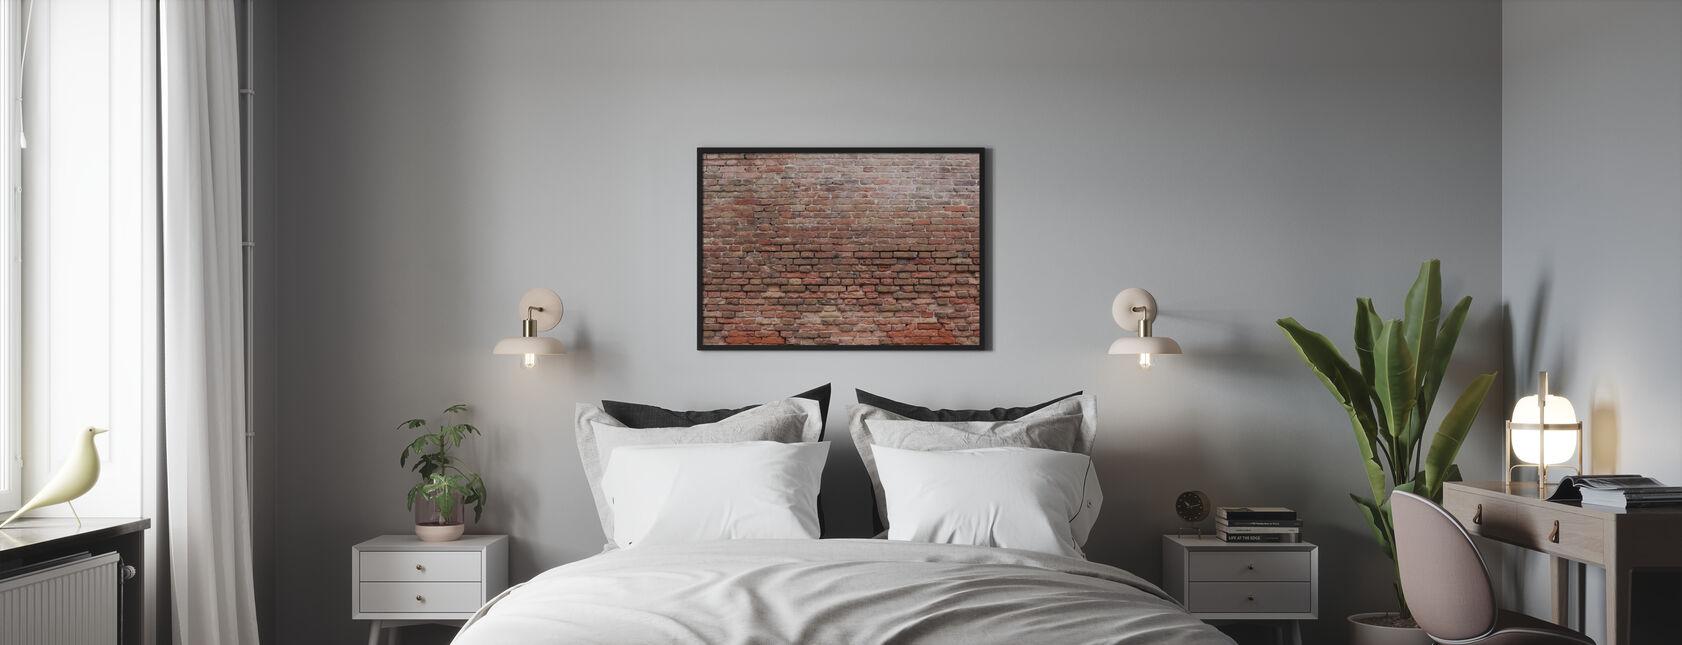 Vervallige bakstenen muur - Poster - Slaapkamer